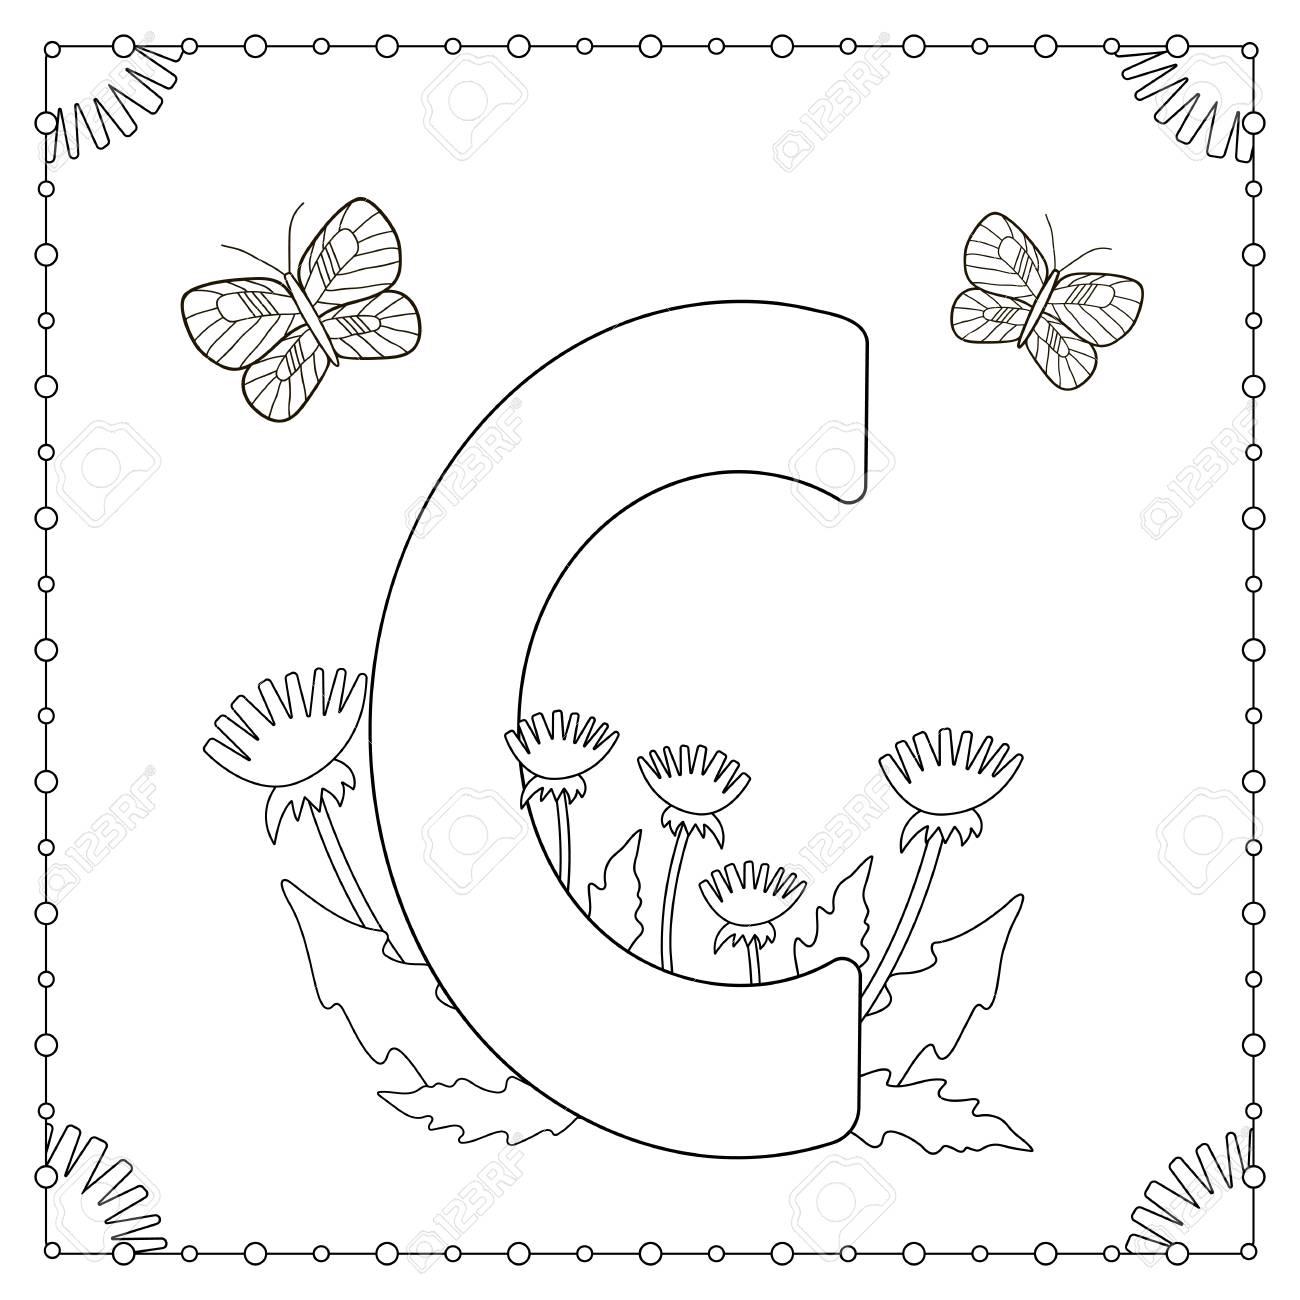 Ausmalbilder Schmetterling Groß : Alphabet Ausmalbilder Gro Buchstabe C Mit Blumen Bl Ttern Und